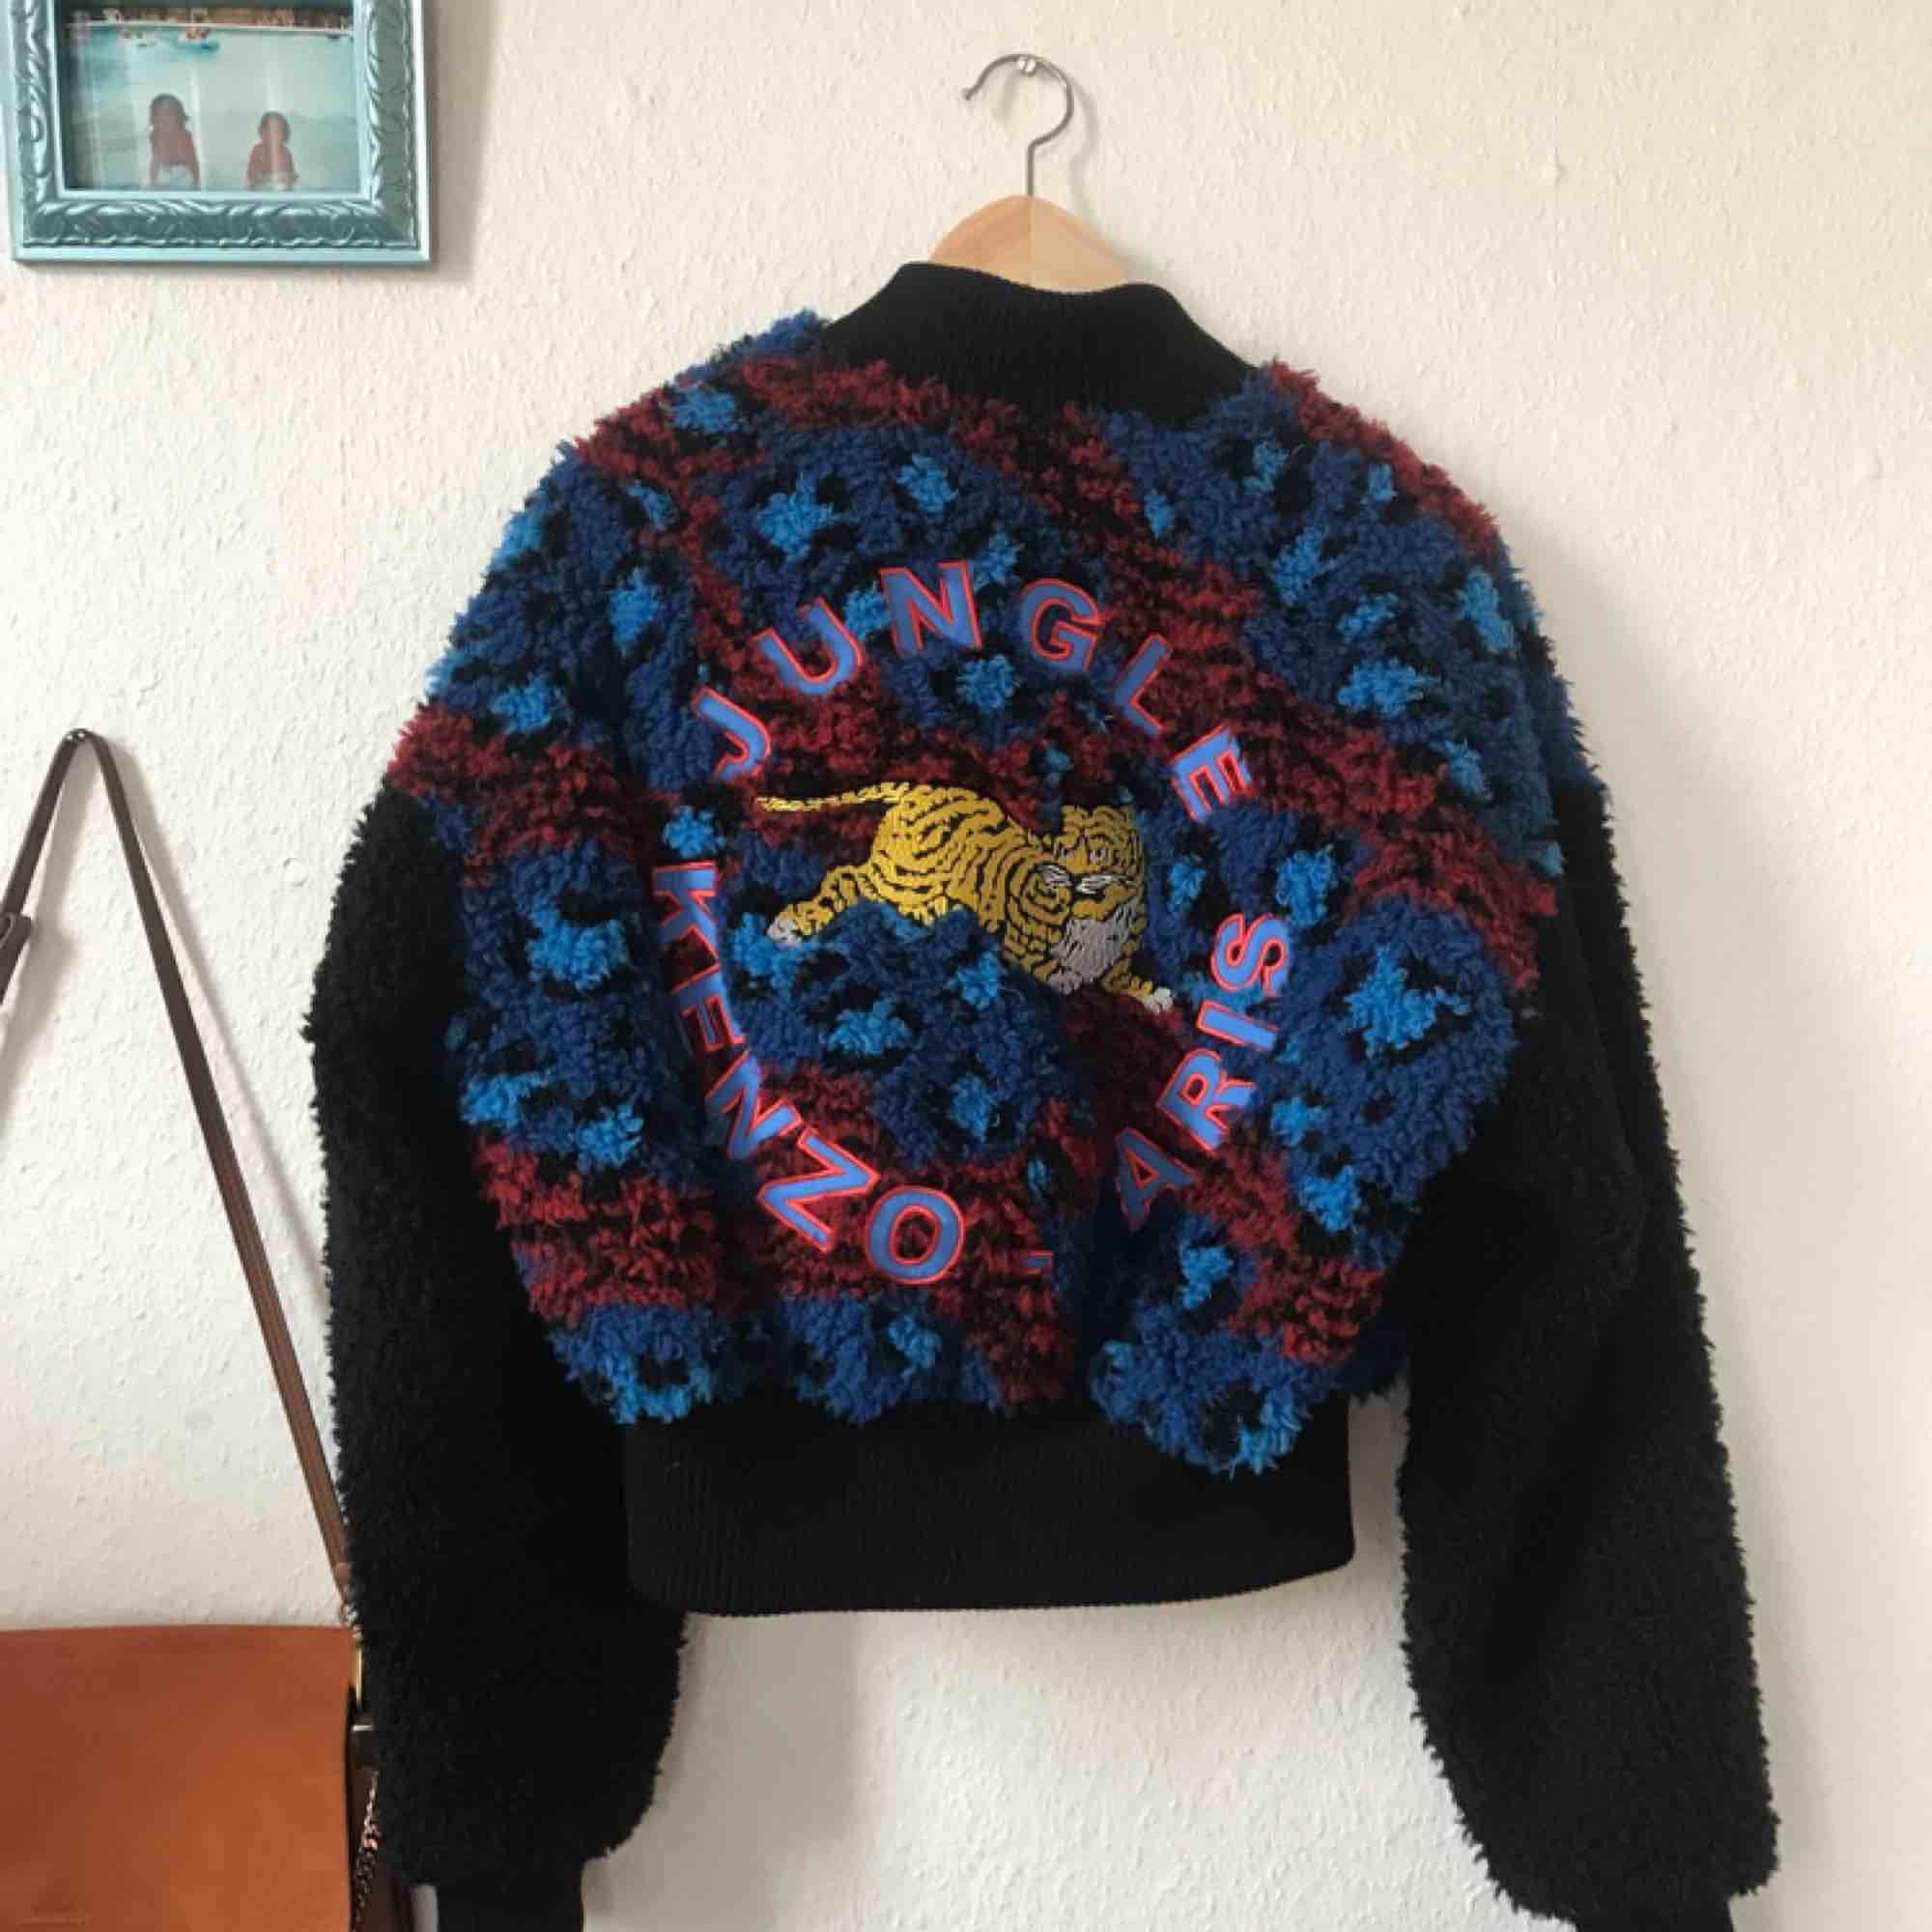 Kenzo x H&M jacka, hur snygg och gosig som helst!!! Denna fina var en present från min faster som jobbar för h&m (inget kvitto) och har aldrig blivit använd! Den är oversize och tredje bilden visar hur den sitter på mig (36a) Frakt: 100kr. Jackor.